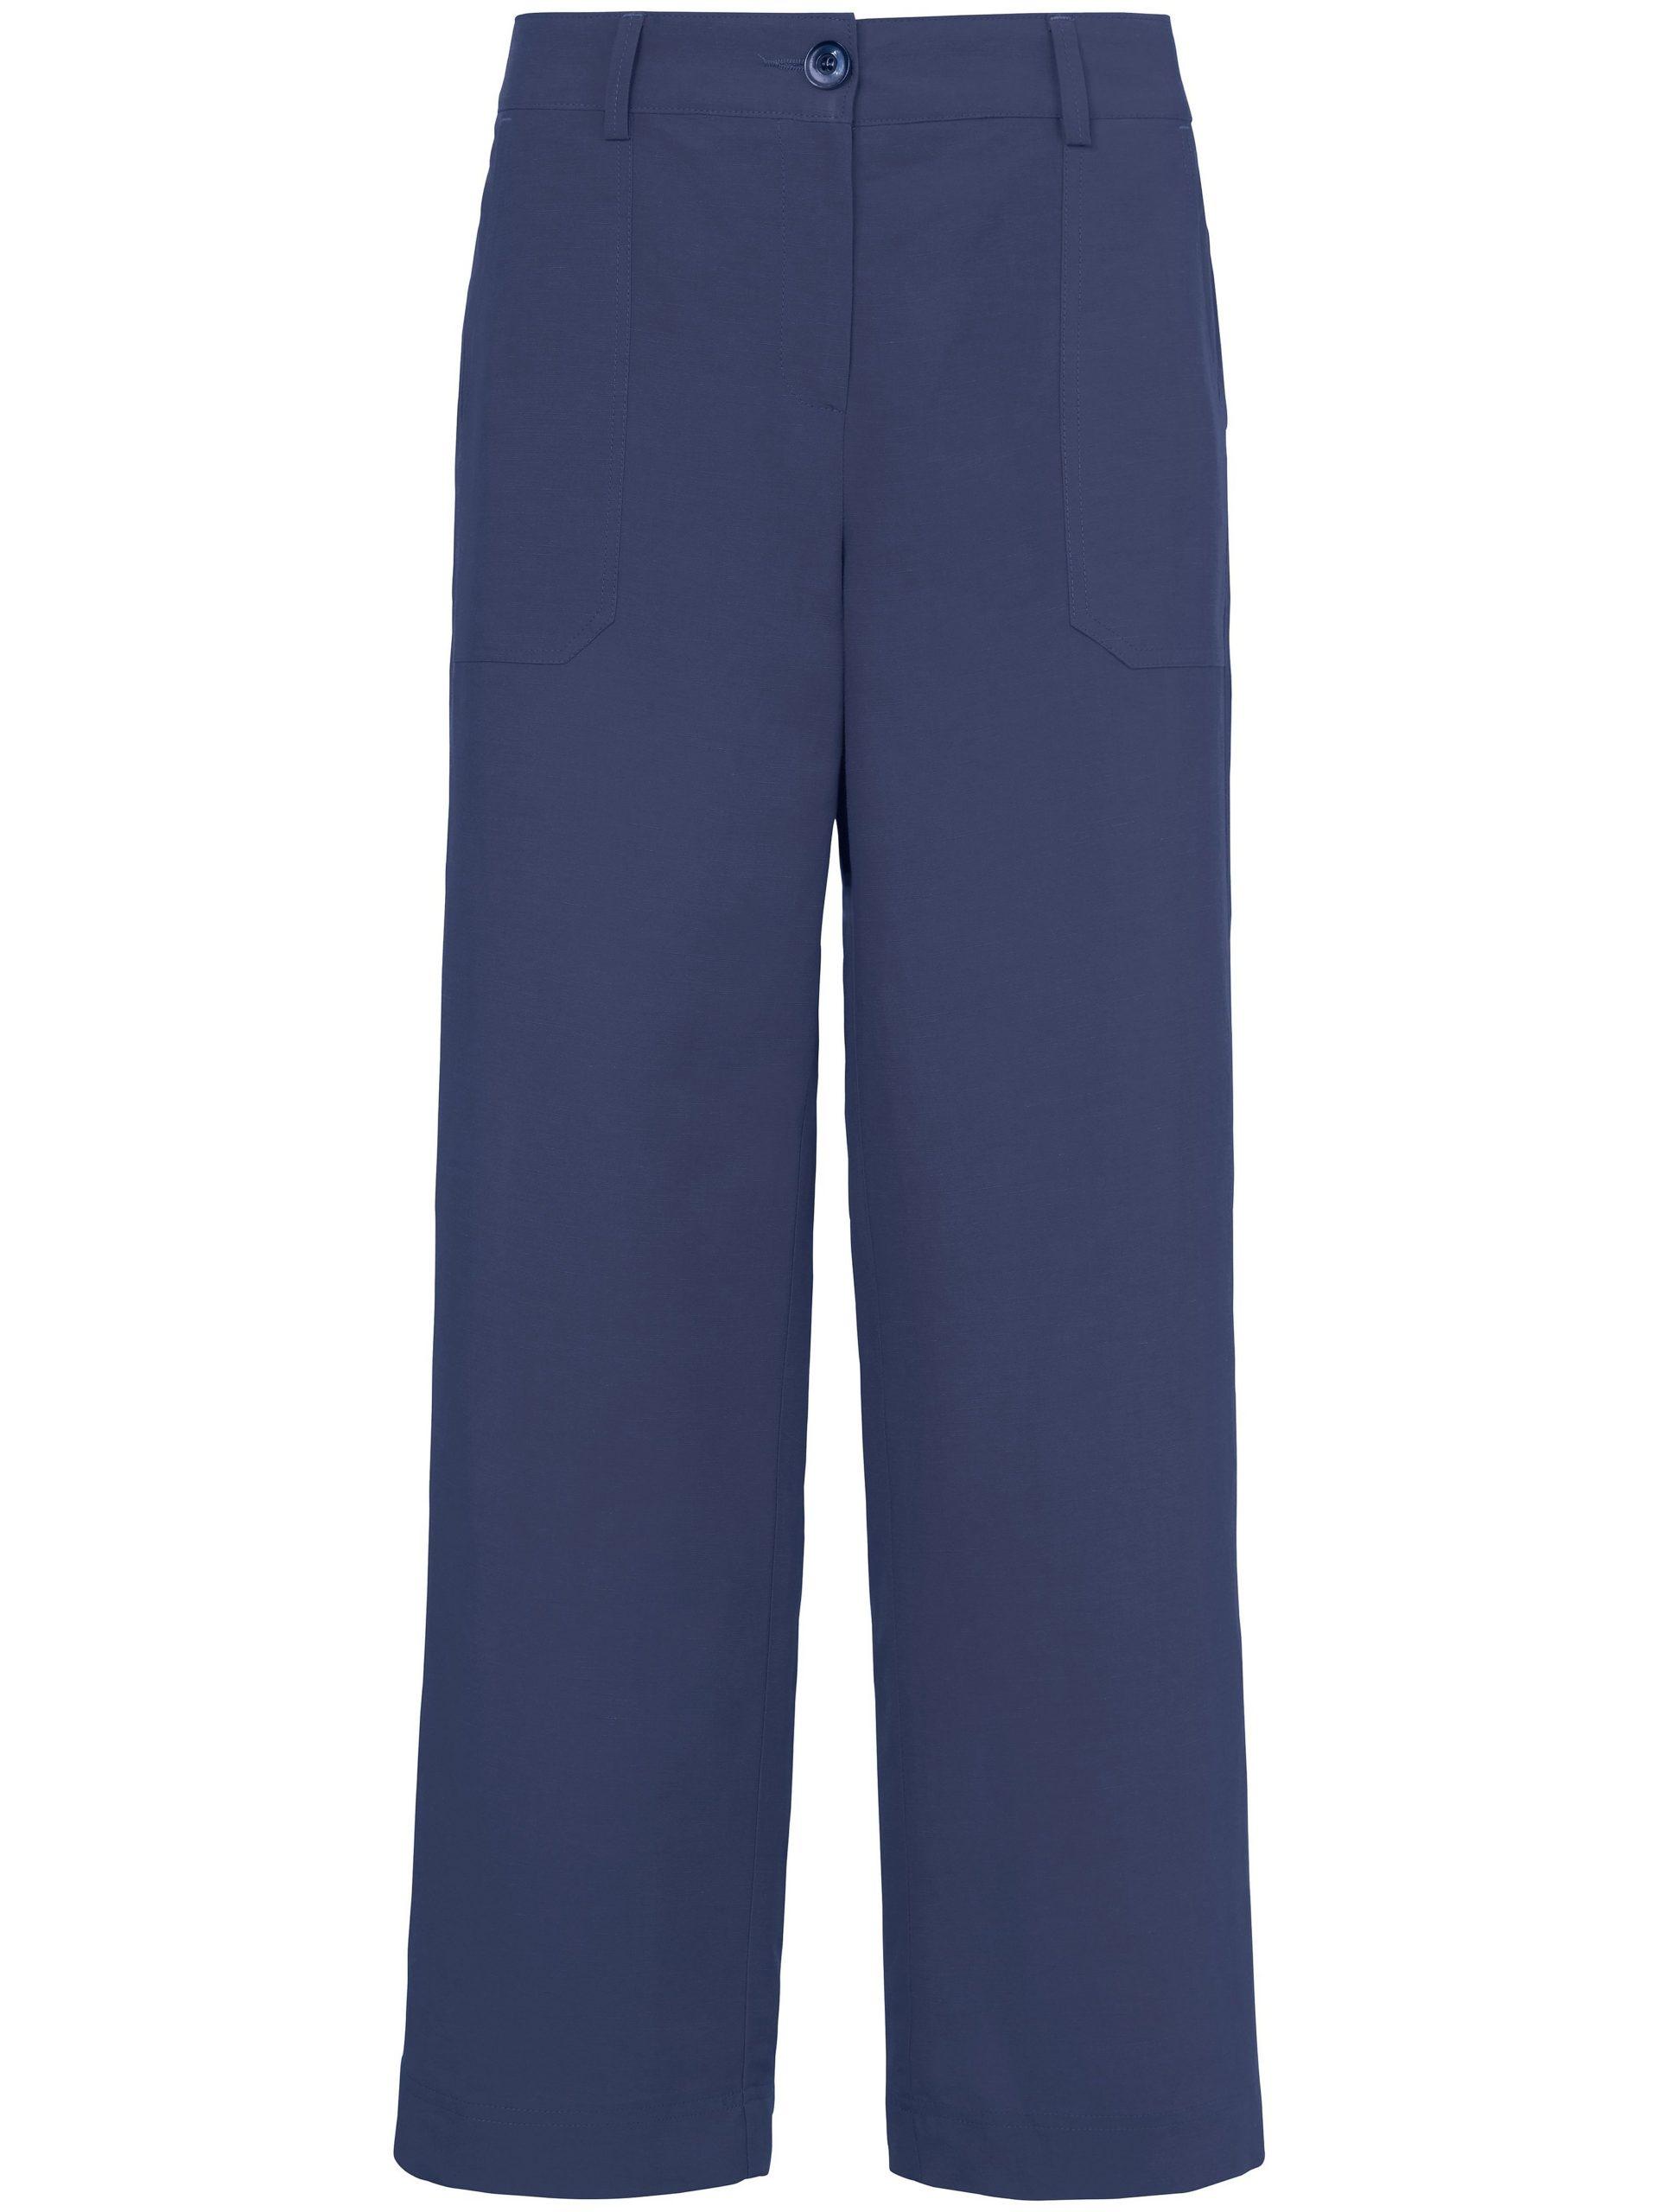 7/8-broek pasvorm Cornelia met opgestikte zakken Van Peter Hahn blauw Kopen